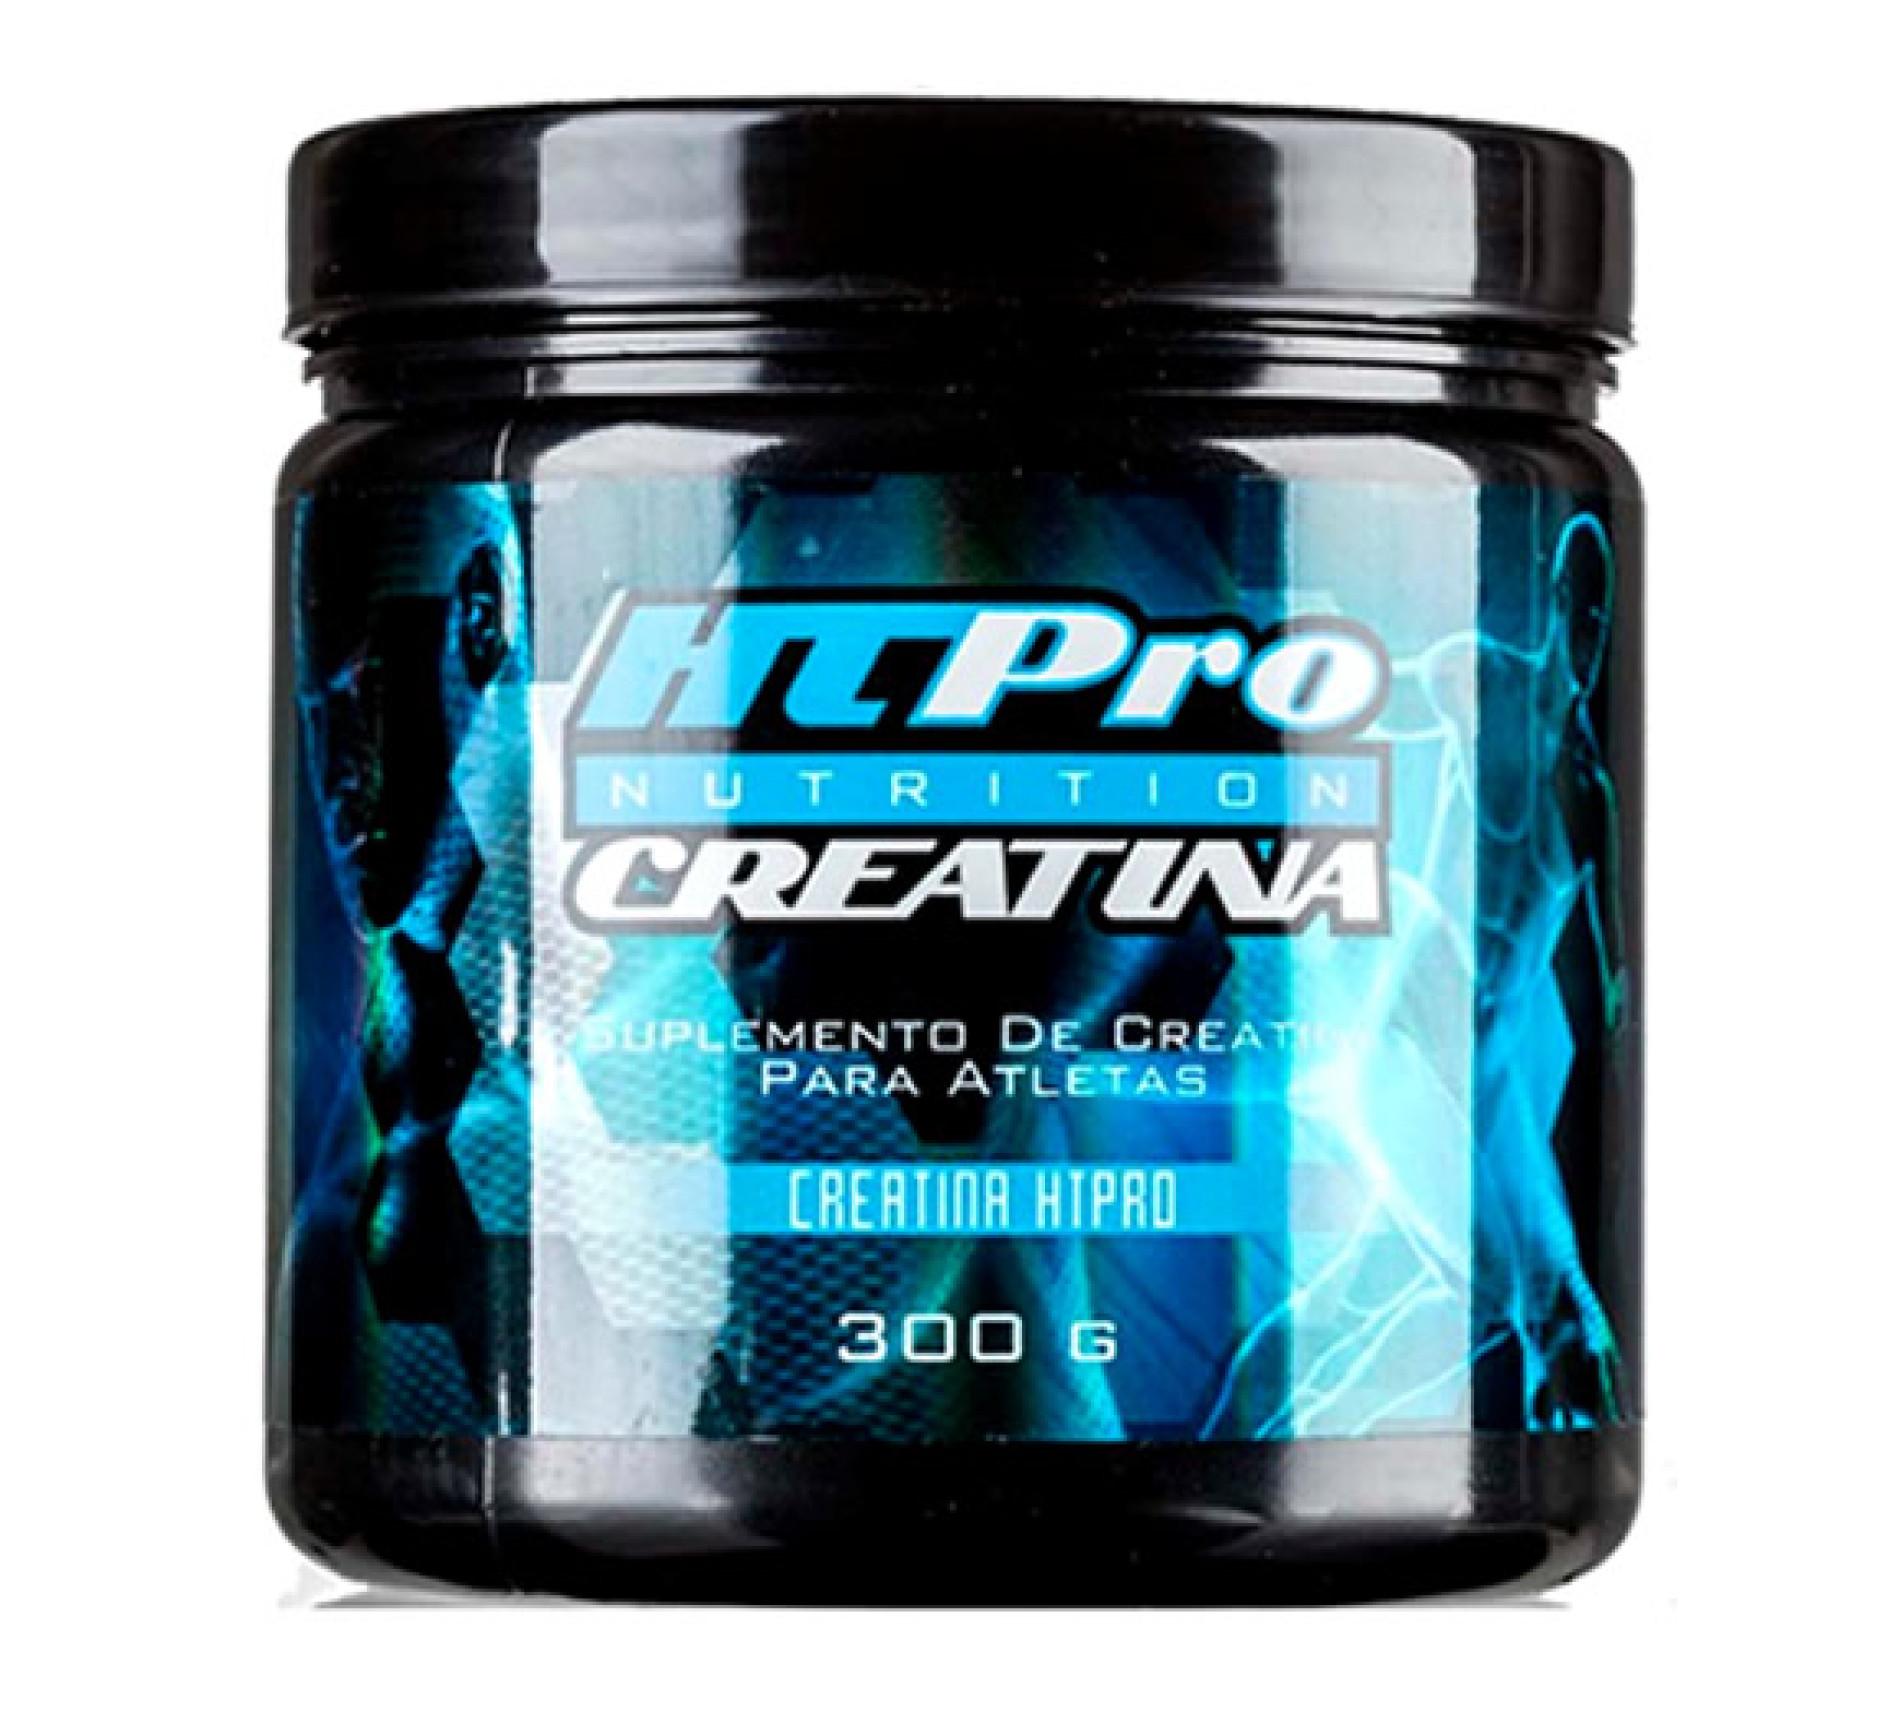 O que é a creatina HTpro?